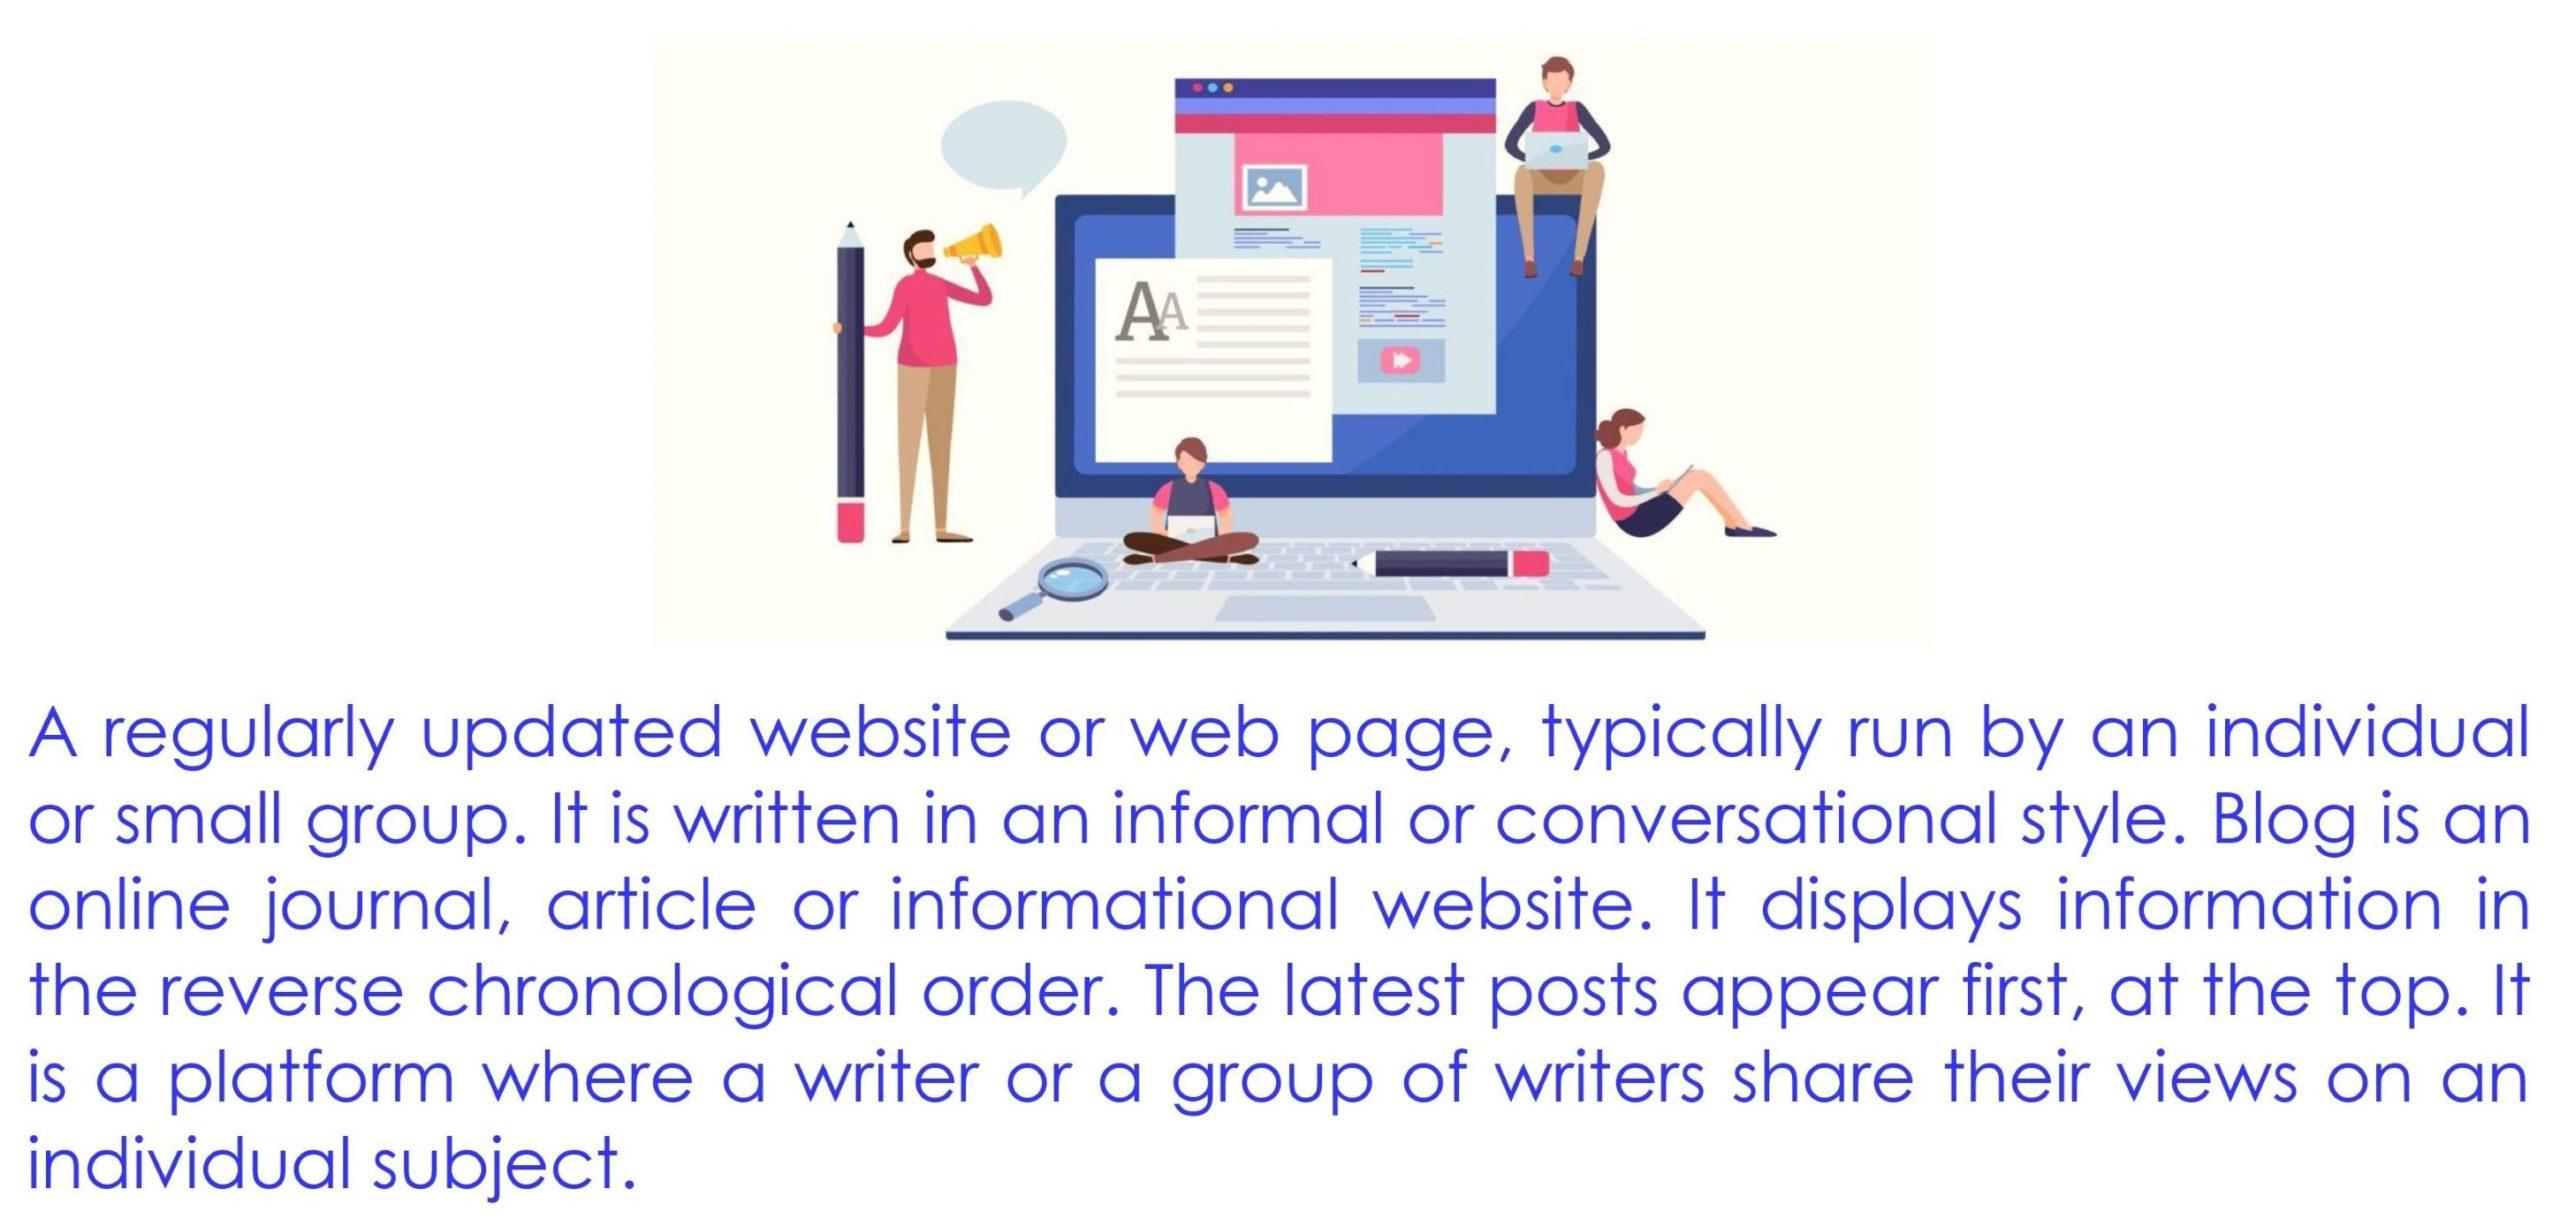 blog_writing_